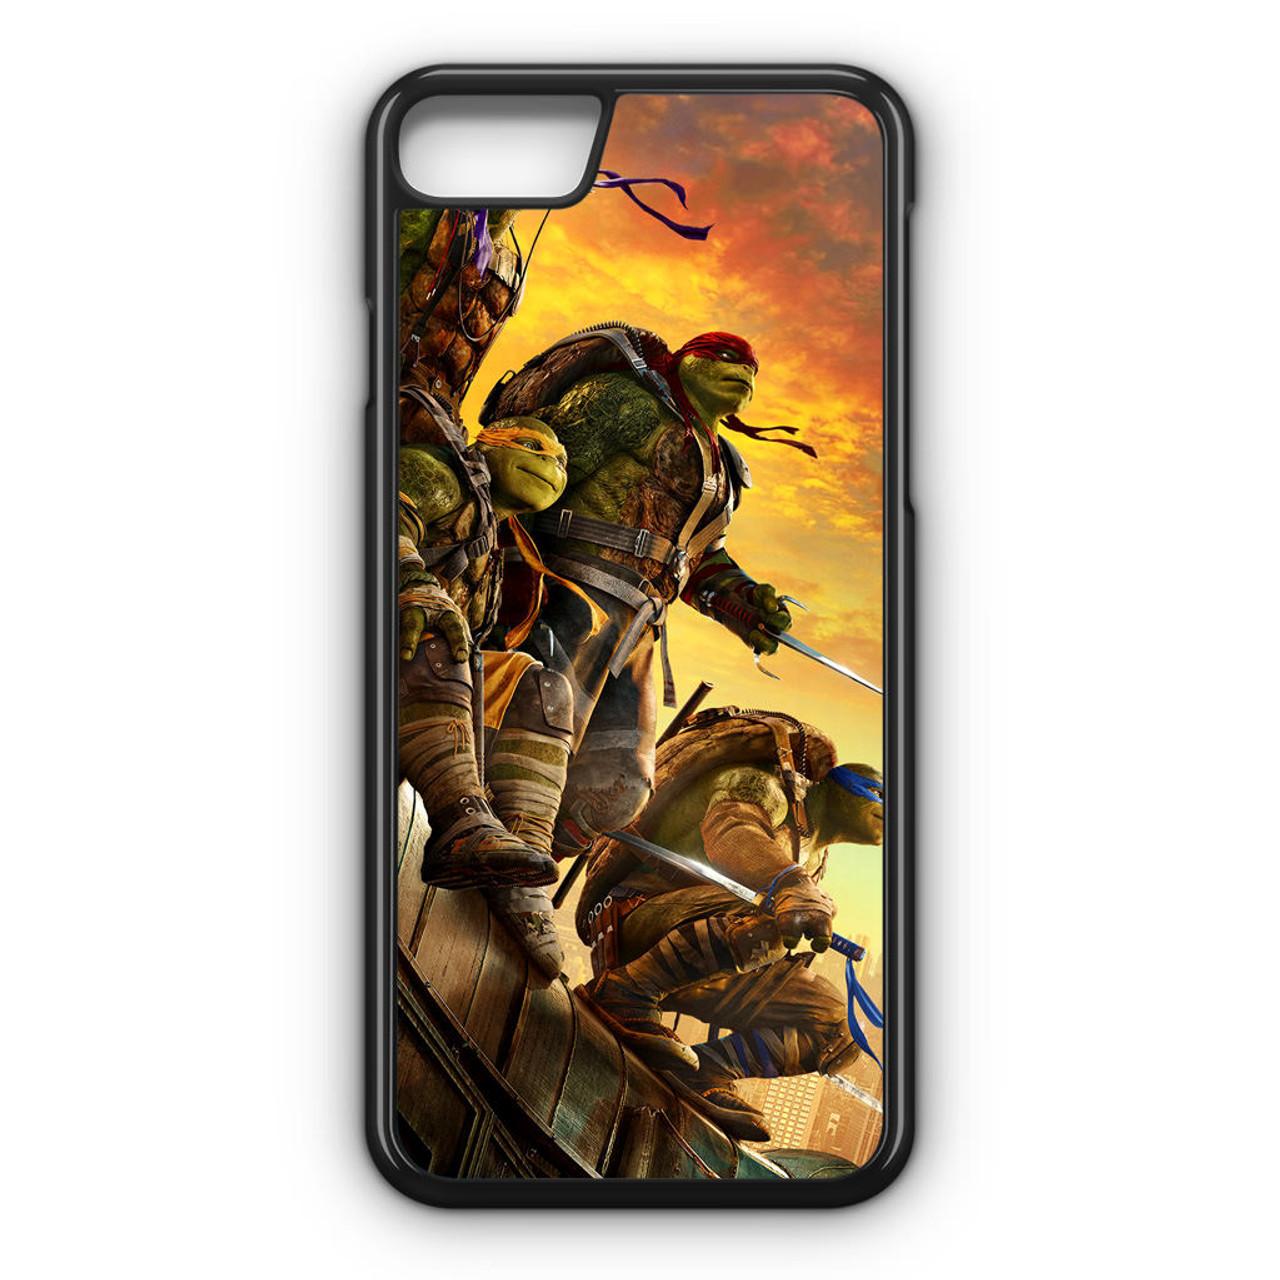 iphone 8 case film